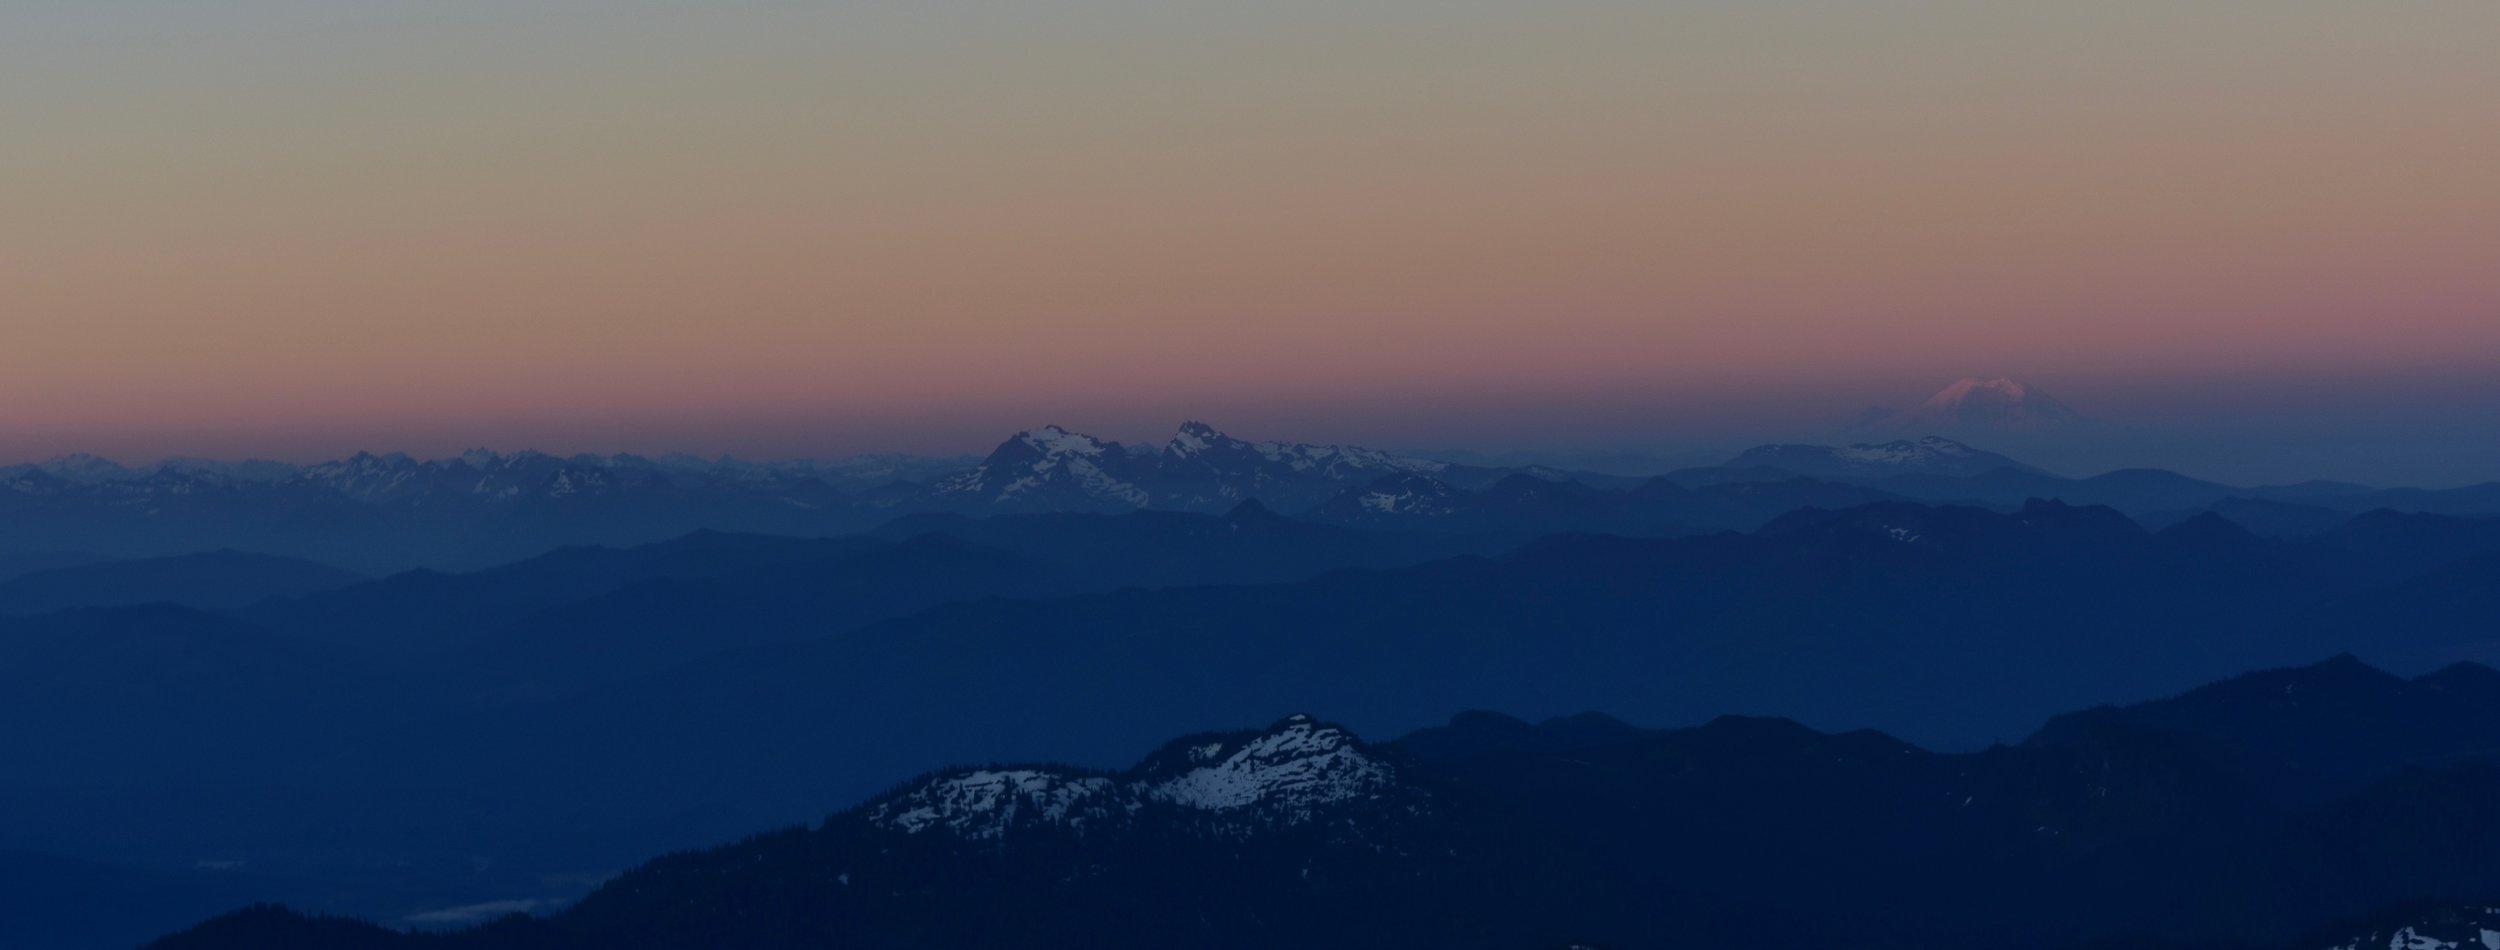 Rainier looking shy in the dawn